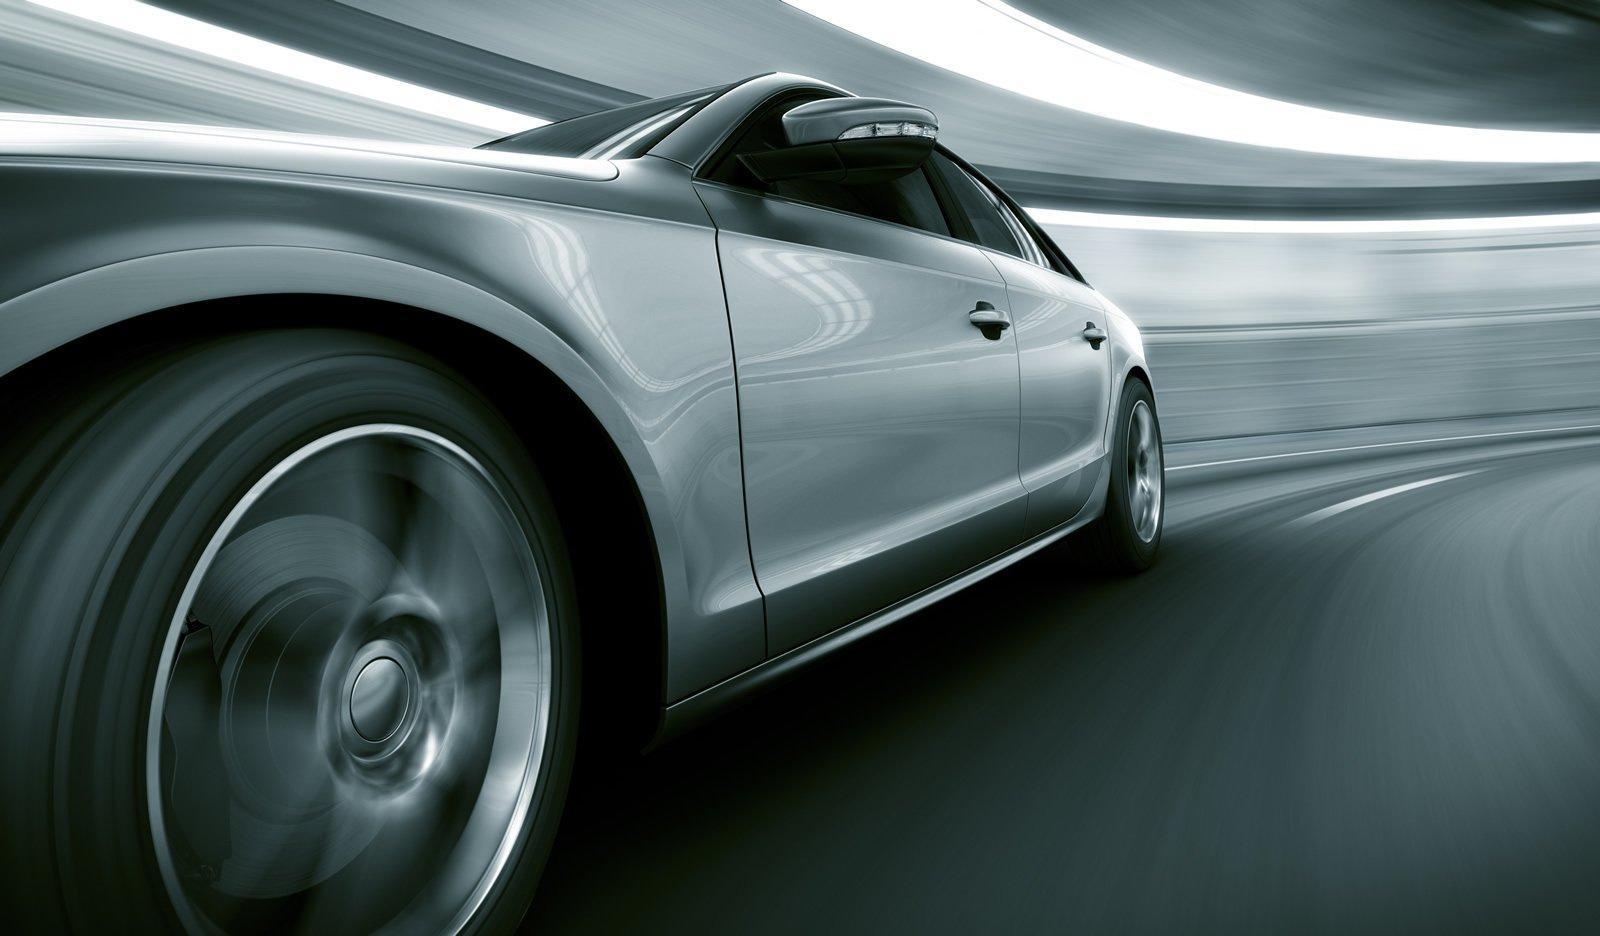 federal-way-automotive